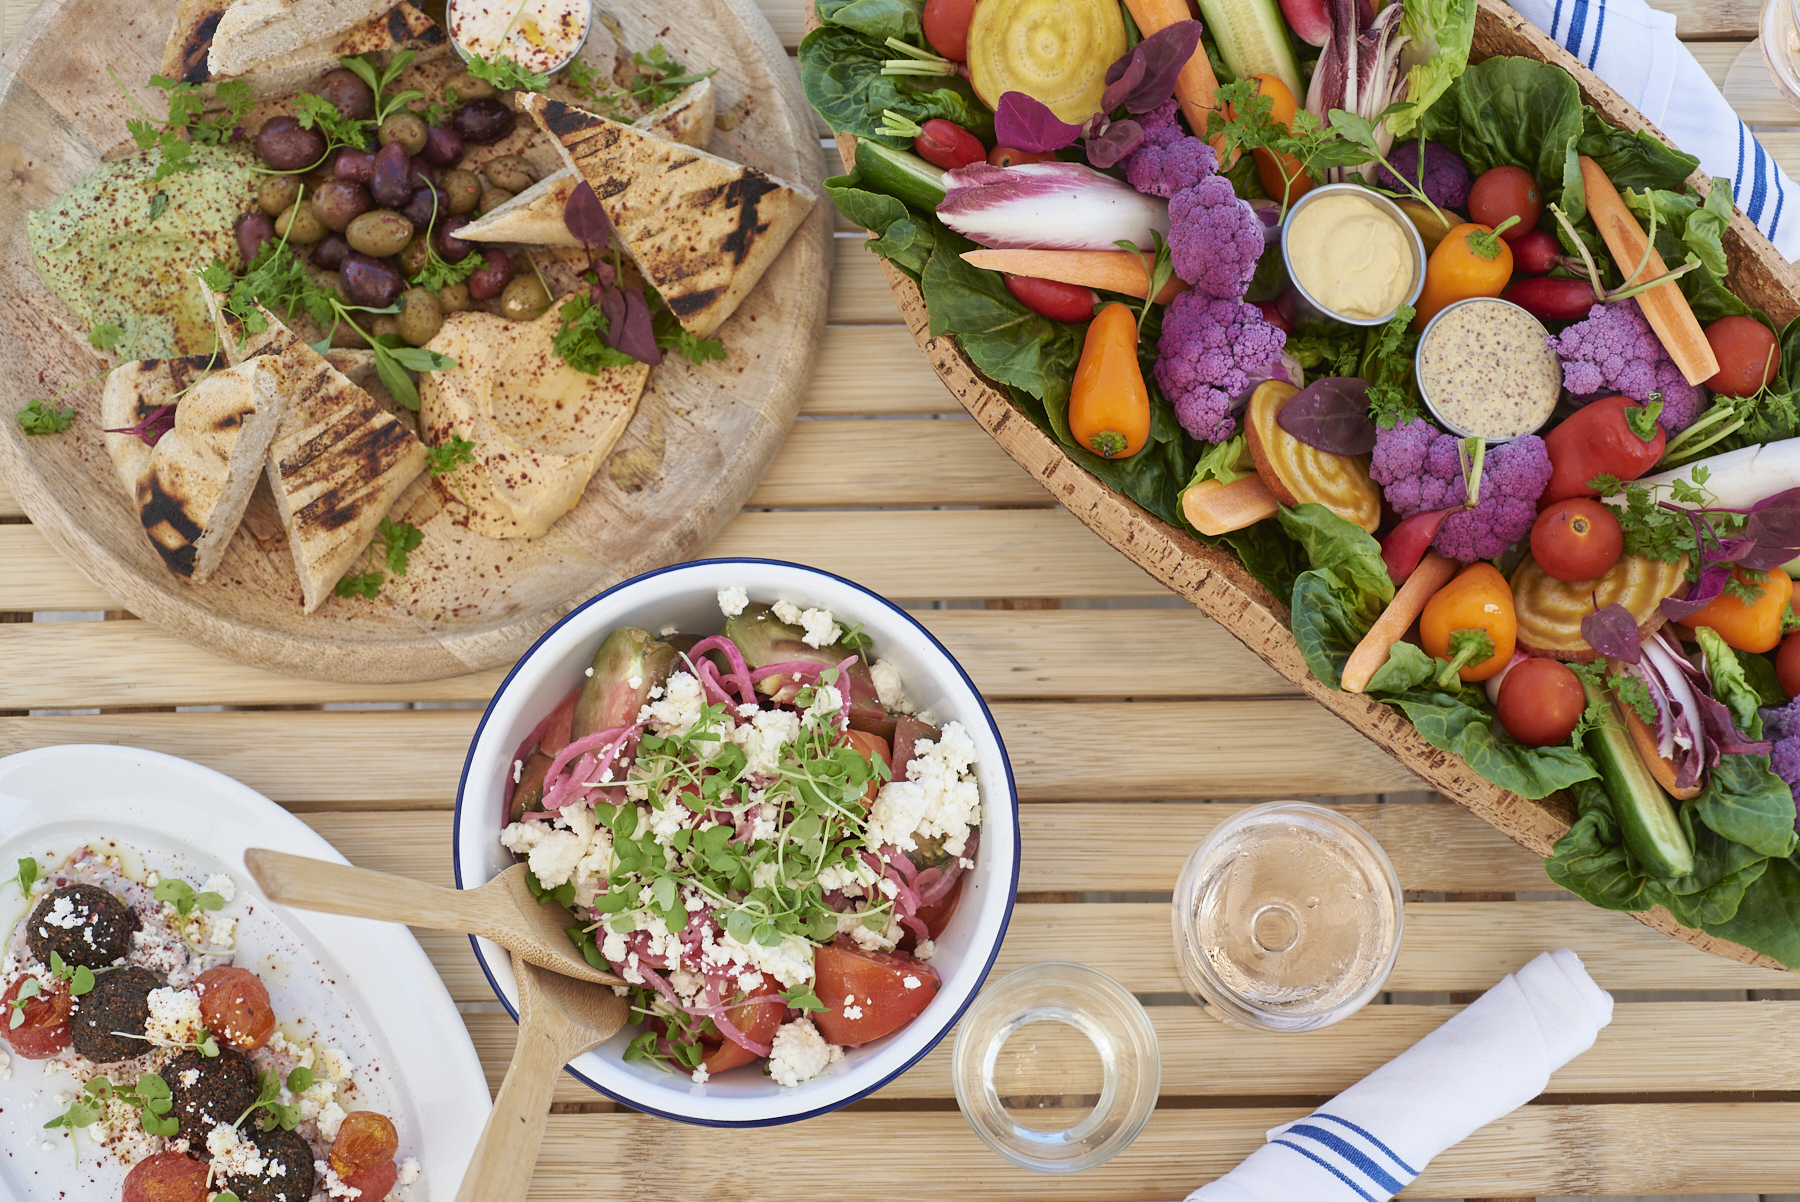 Mediterranean specialties are on the menu at Duryea's Orient Point.